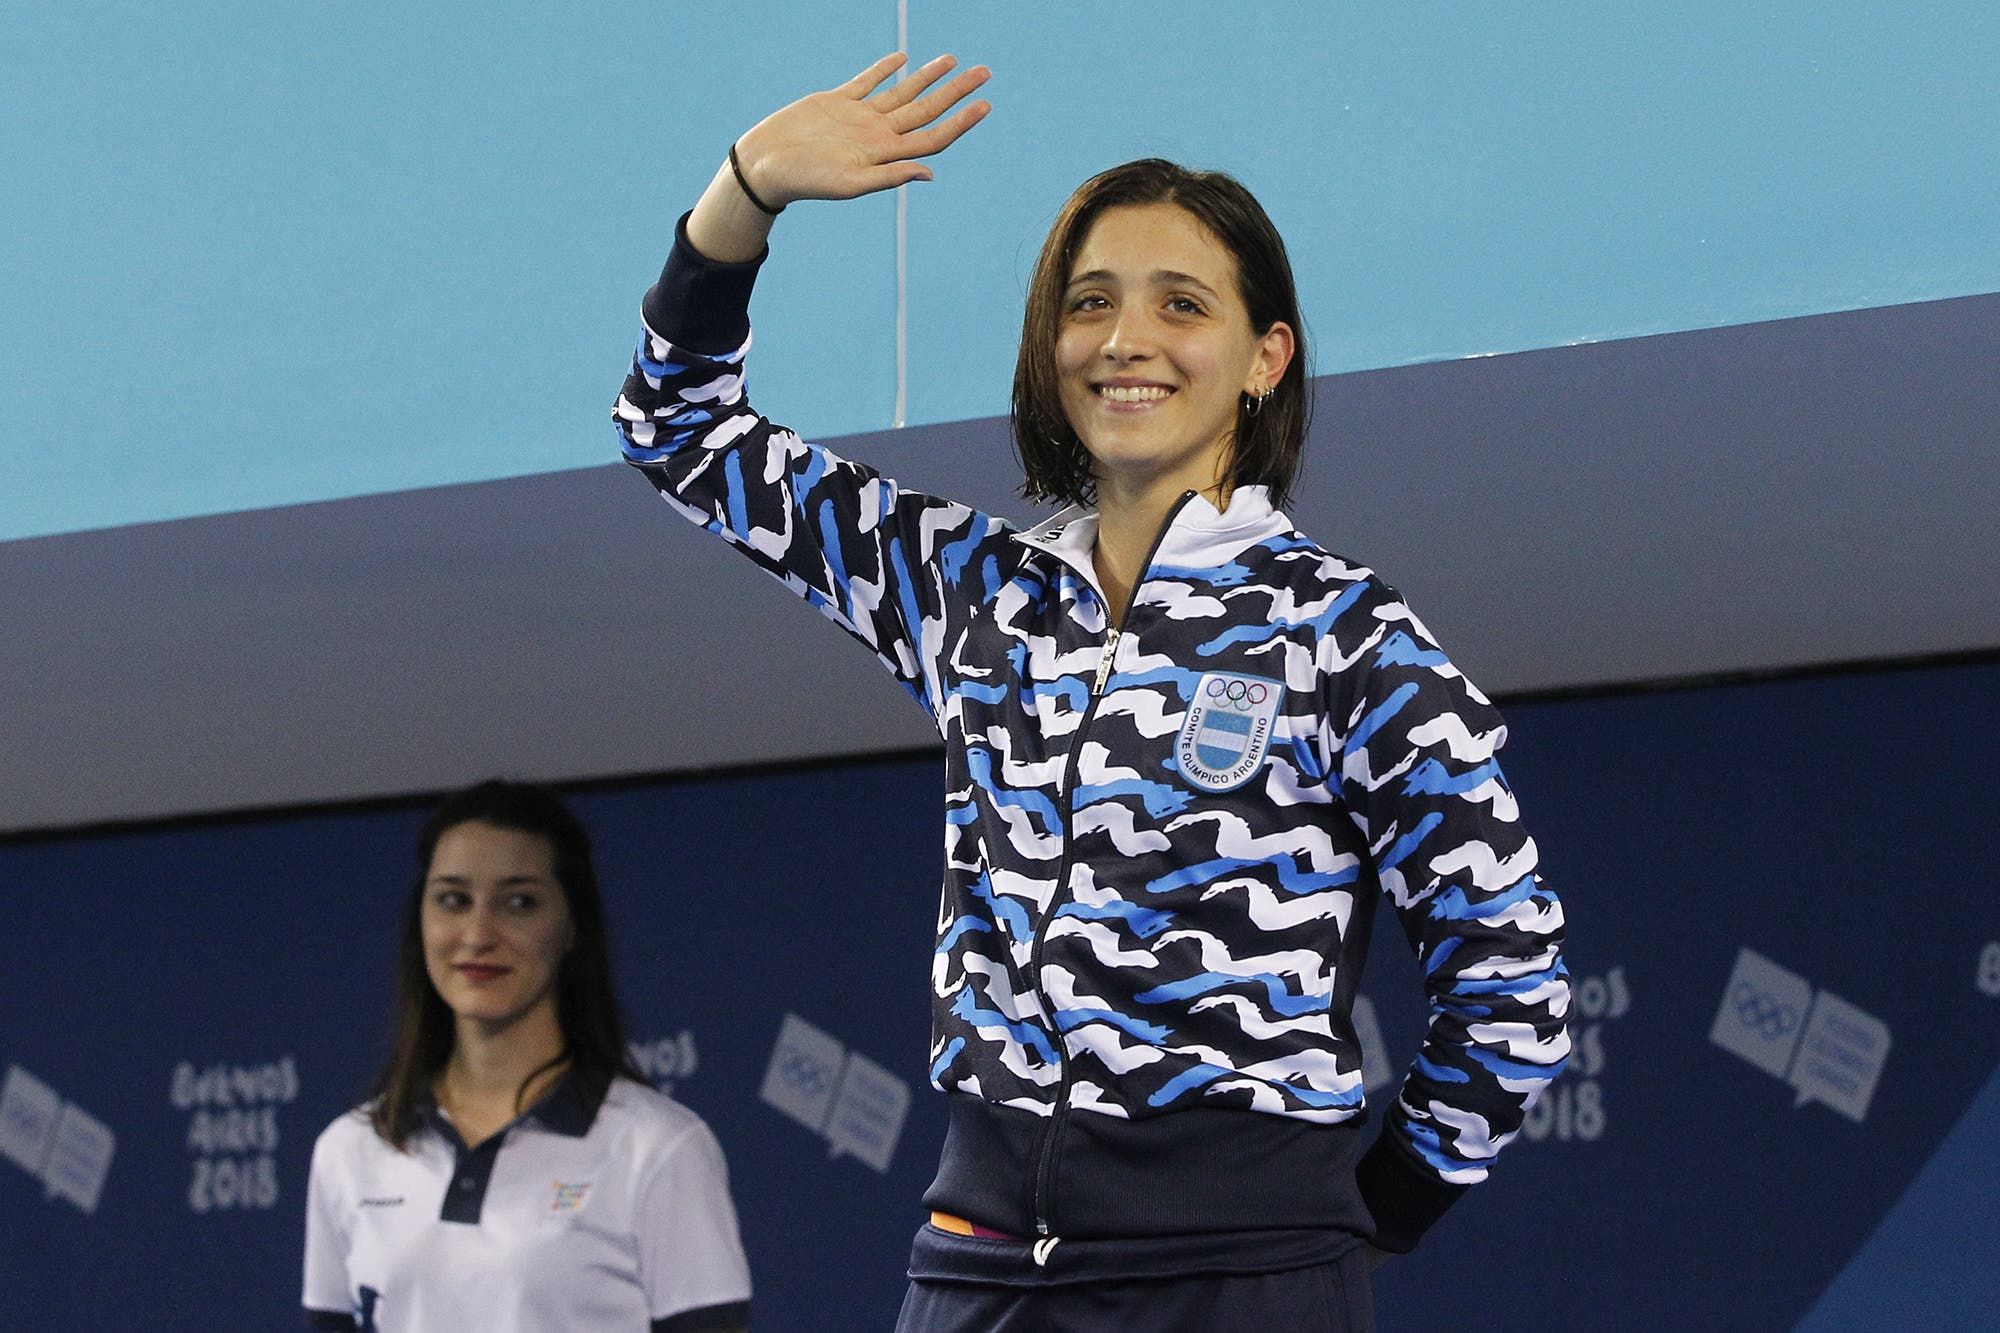 Ya es oficial: los deportistas olímpicos argentinos clasificados a los Juegos de Tokio podrán entrenarse normalmente